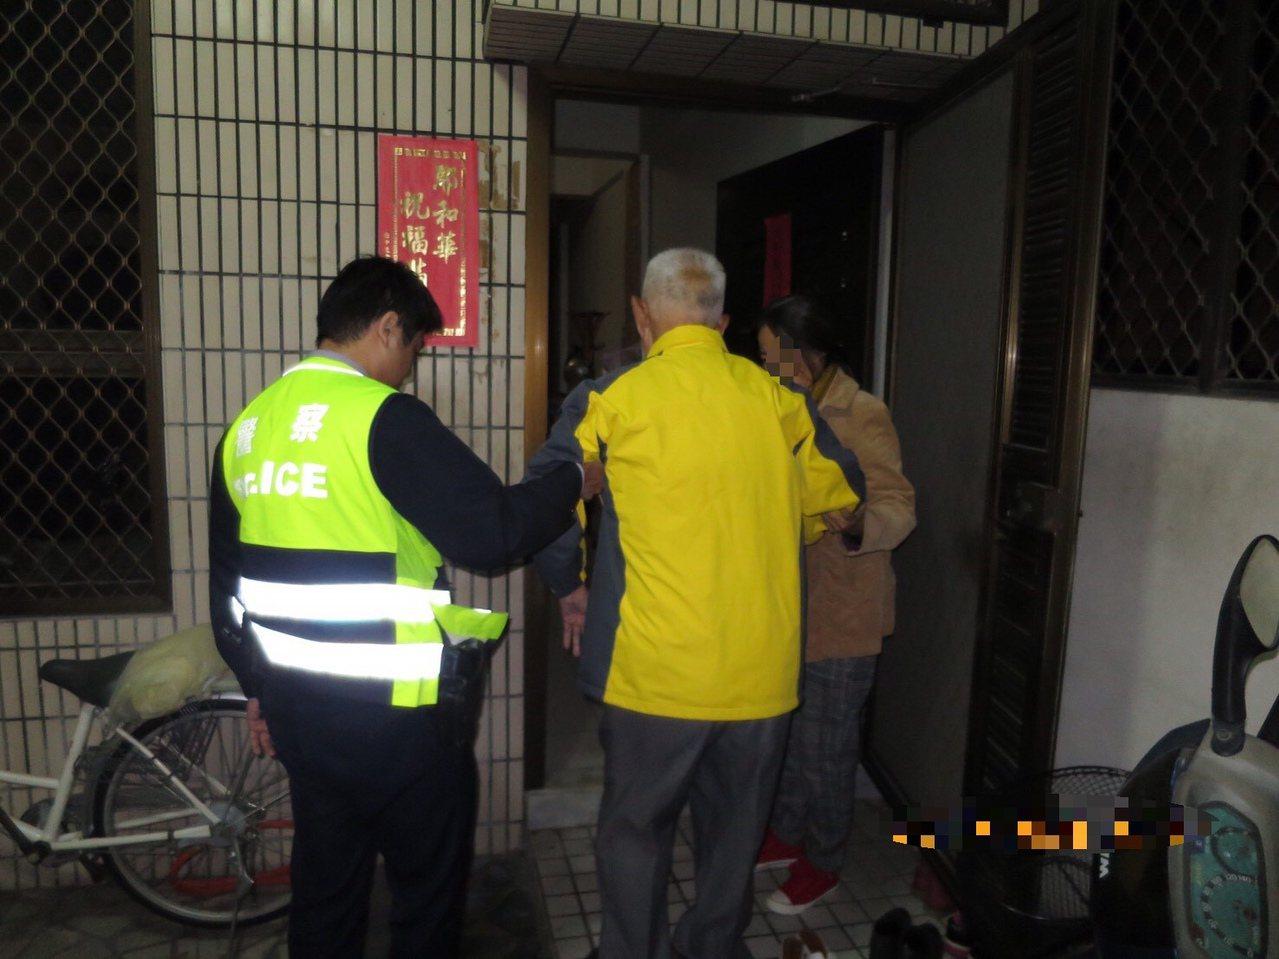 90歲李姓老翁昨晚在寒冬夜迷路,經莊敬所員警的協助,安然護送返家。記者邵心杰/翻...